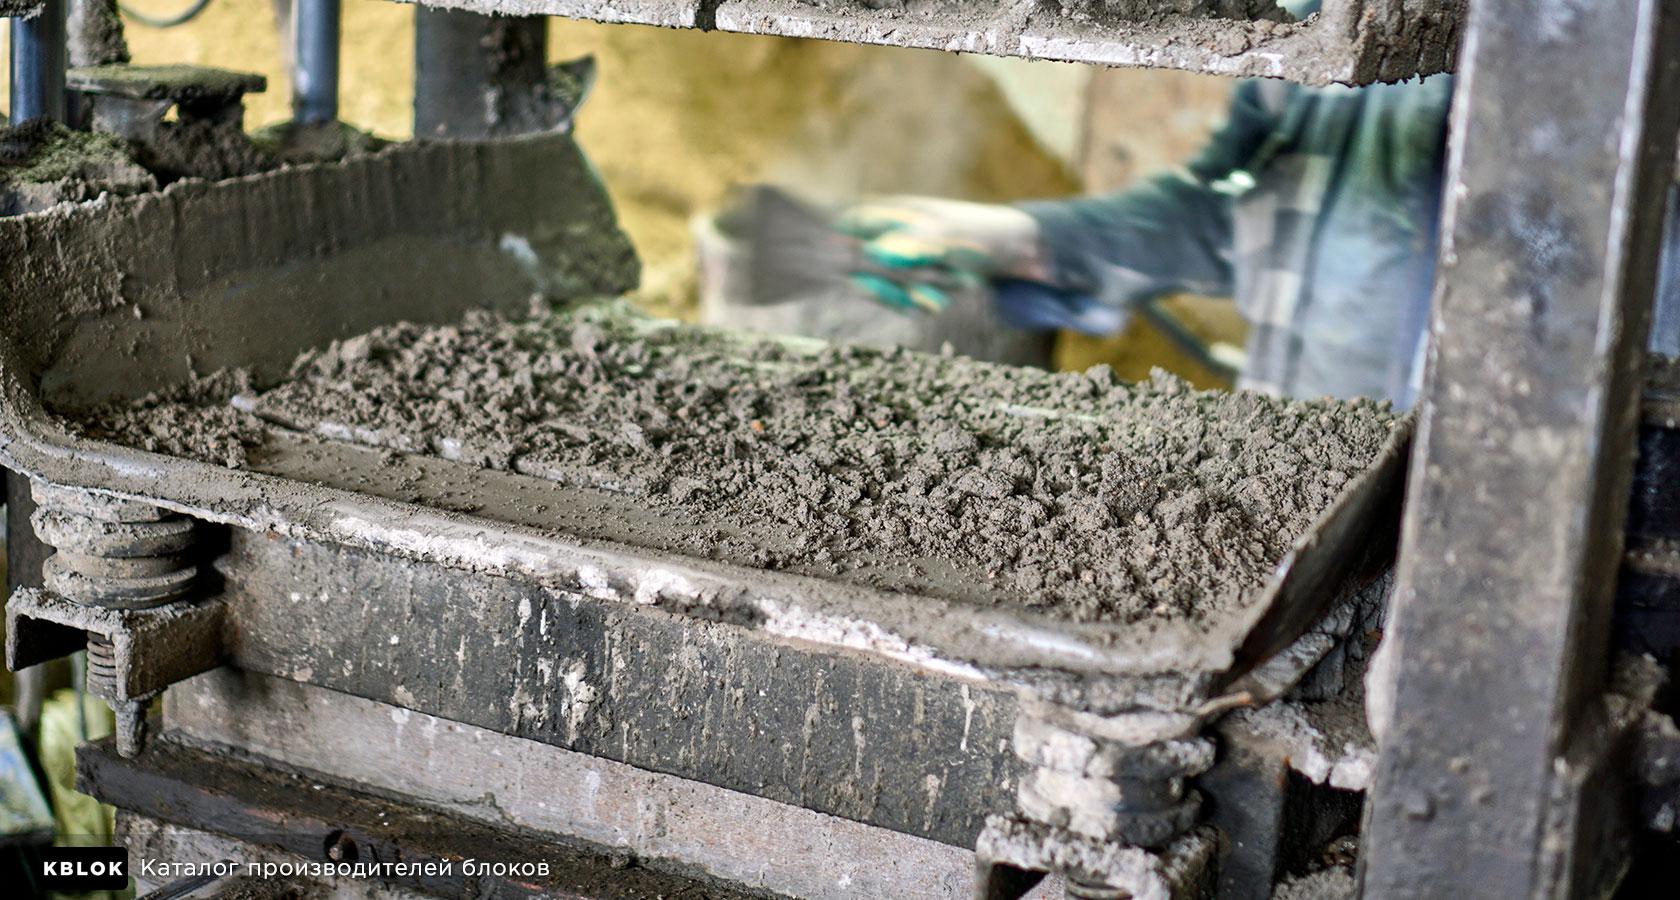 керамзитобетонная смесь заливается в формы